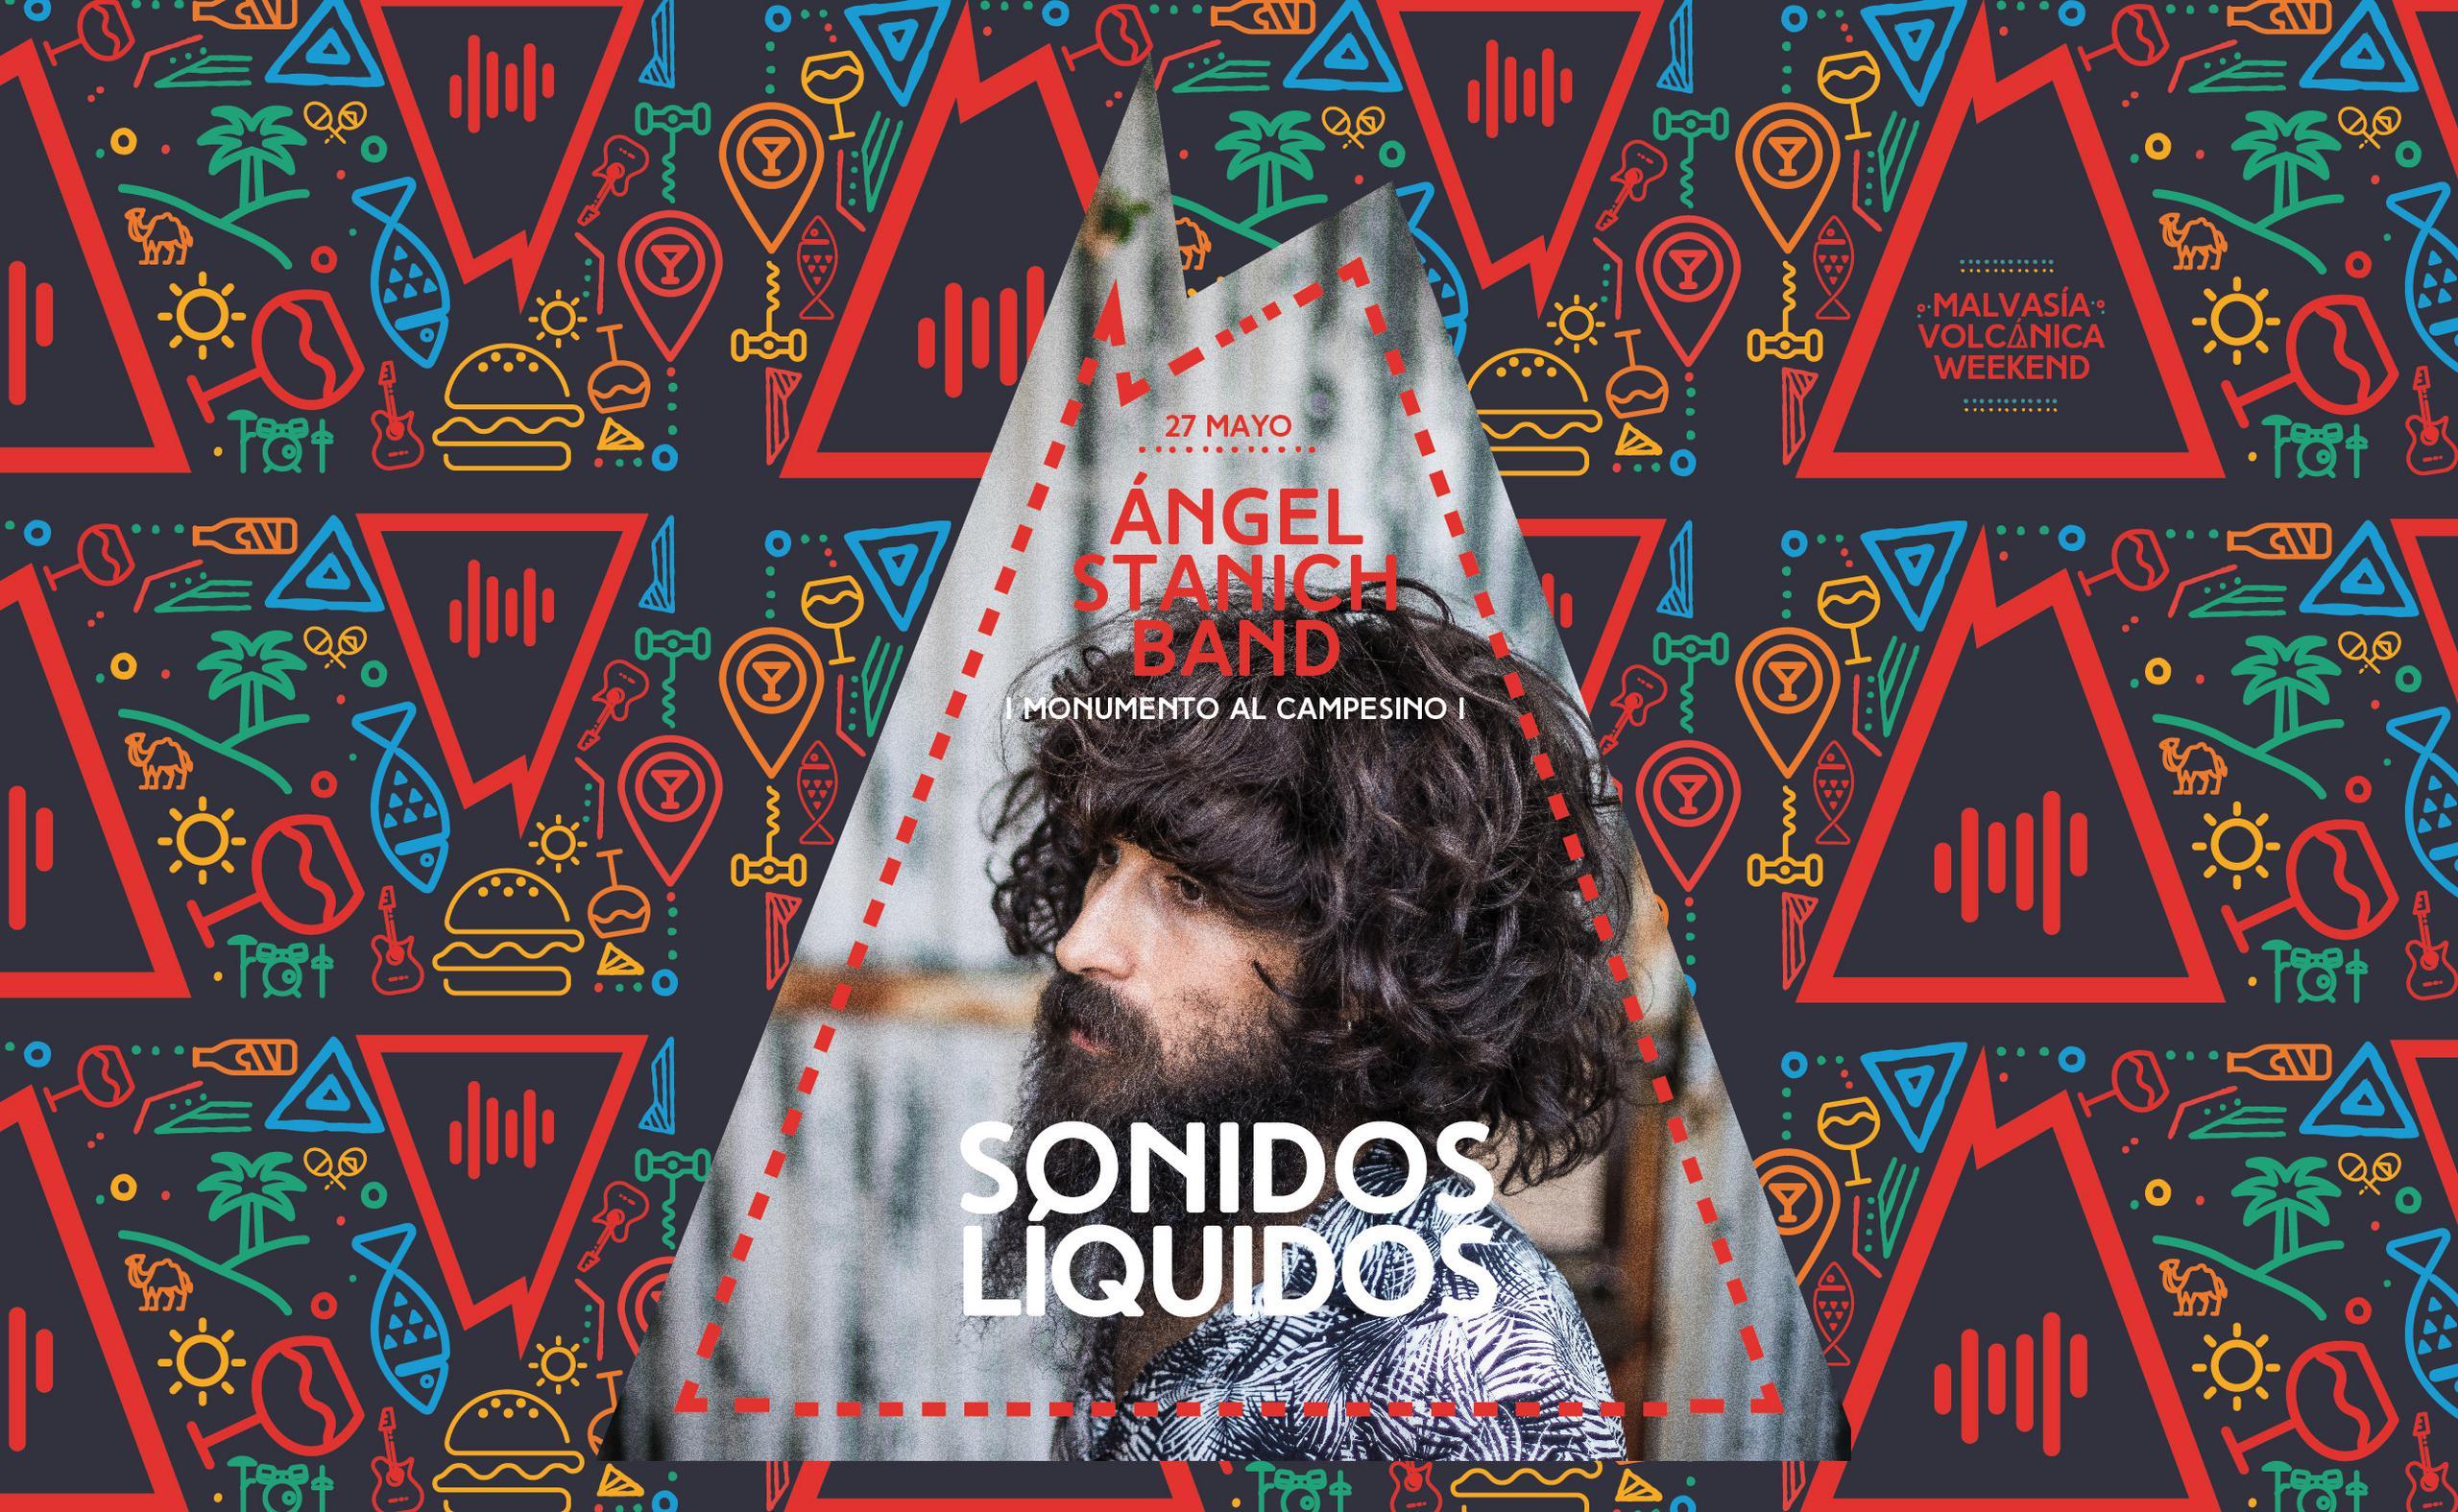 angel stanich sonidos liquidos